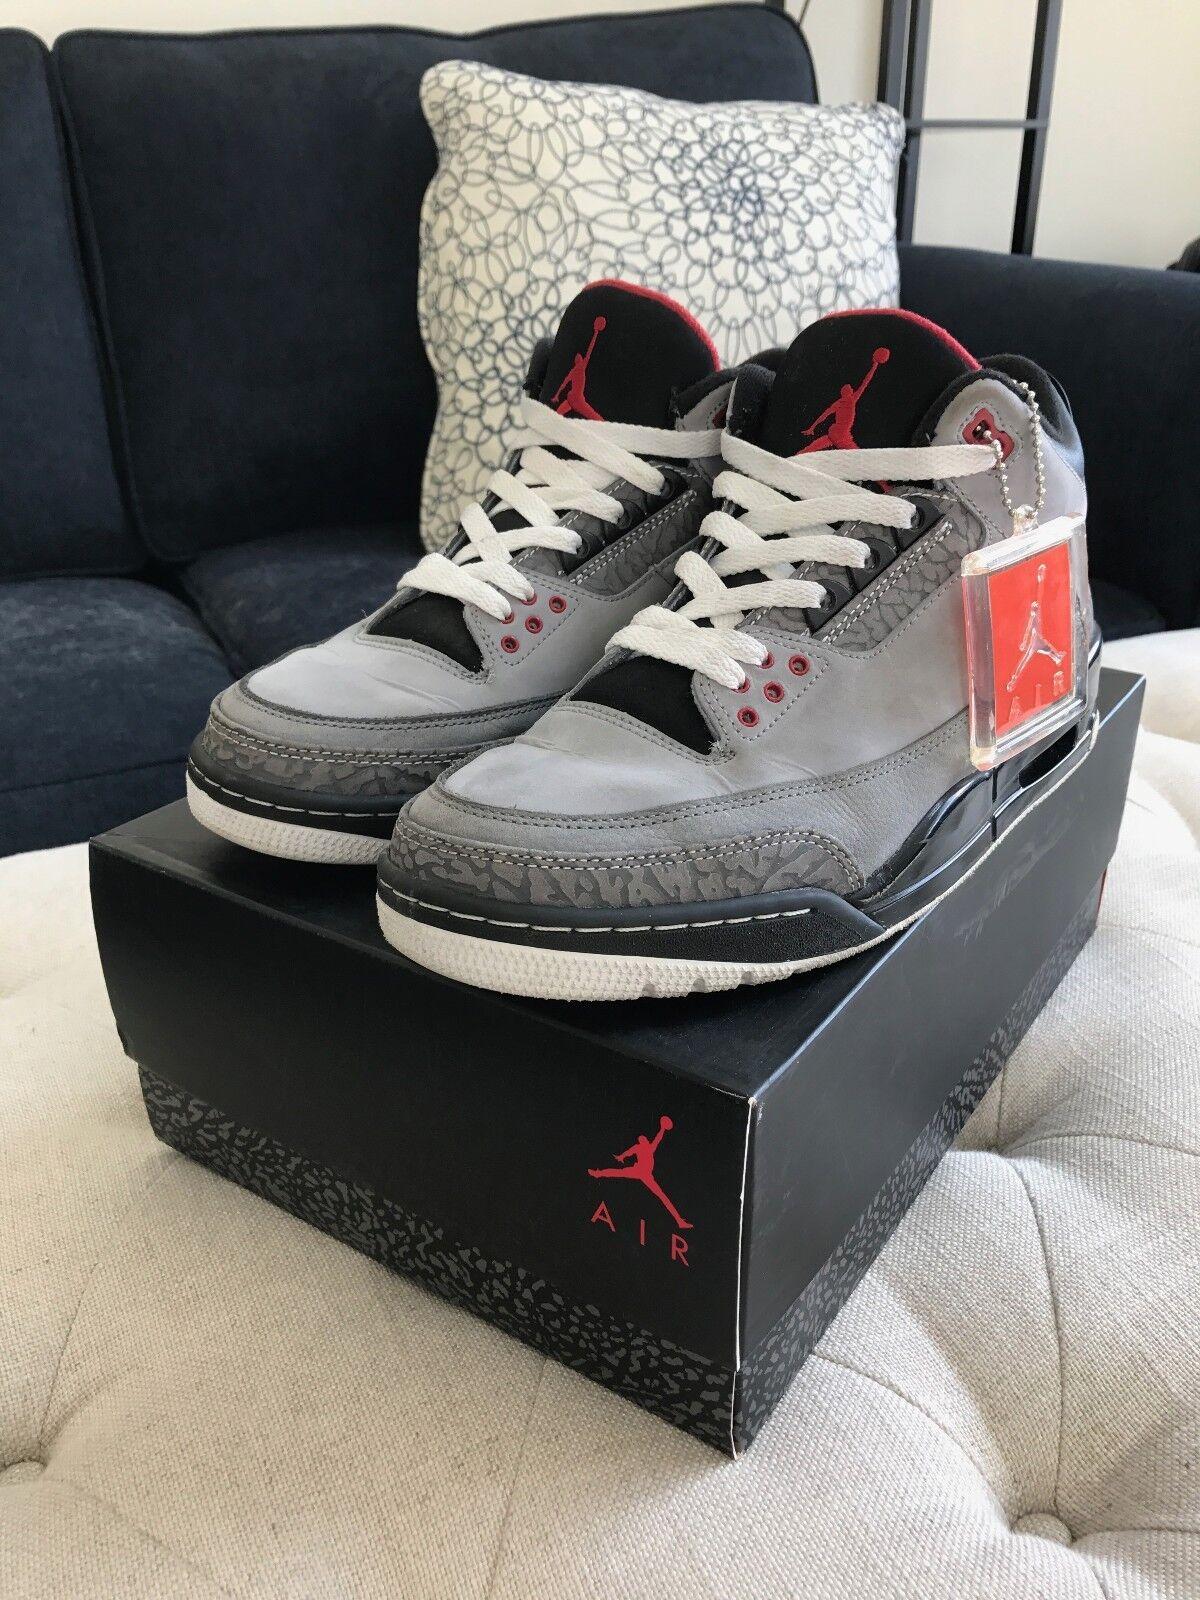 Nike Air Jordan 3 Retro  Stealth  Men's Size 9.5